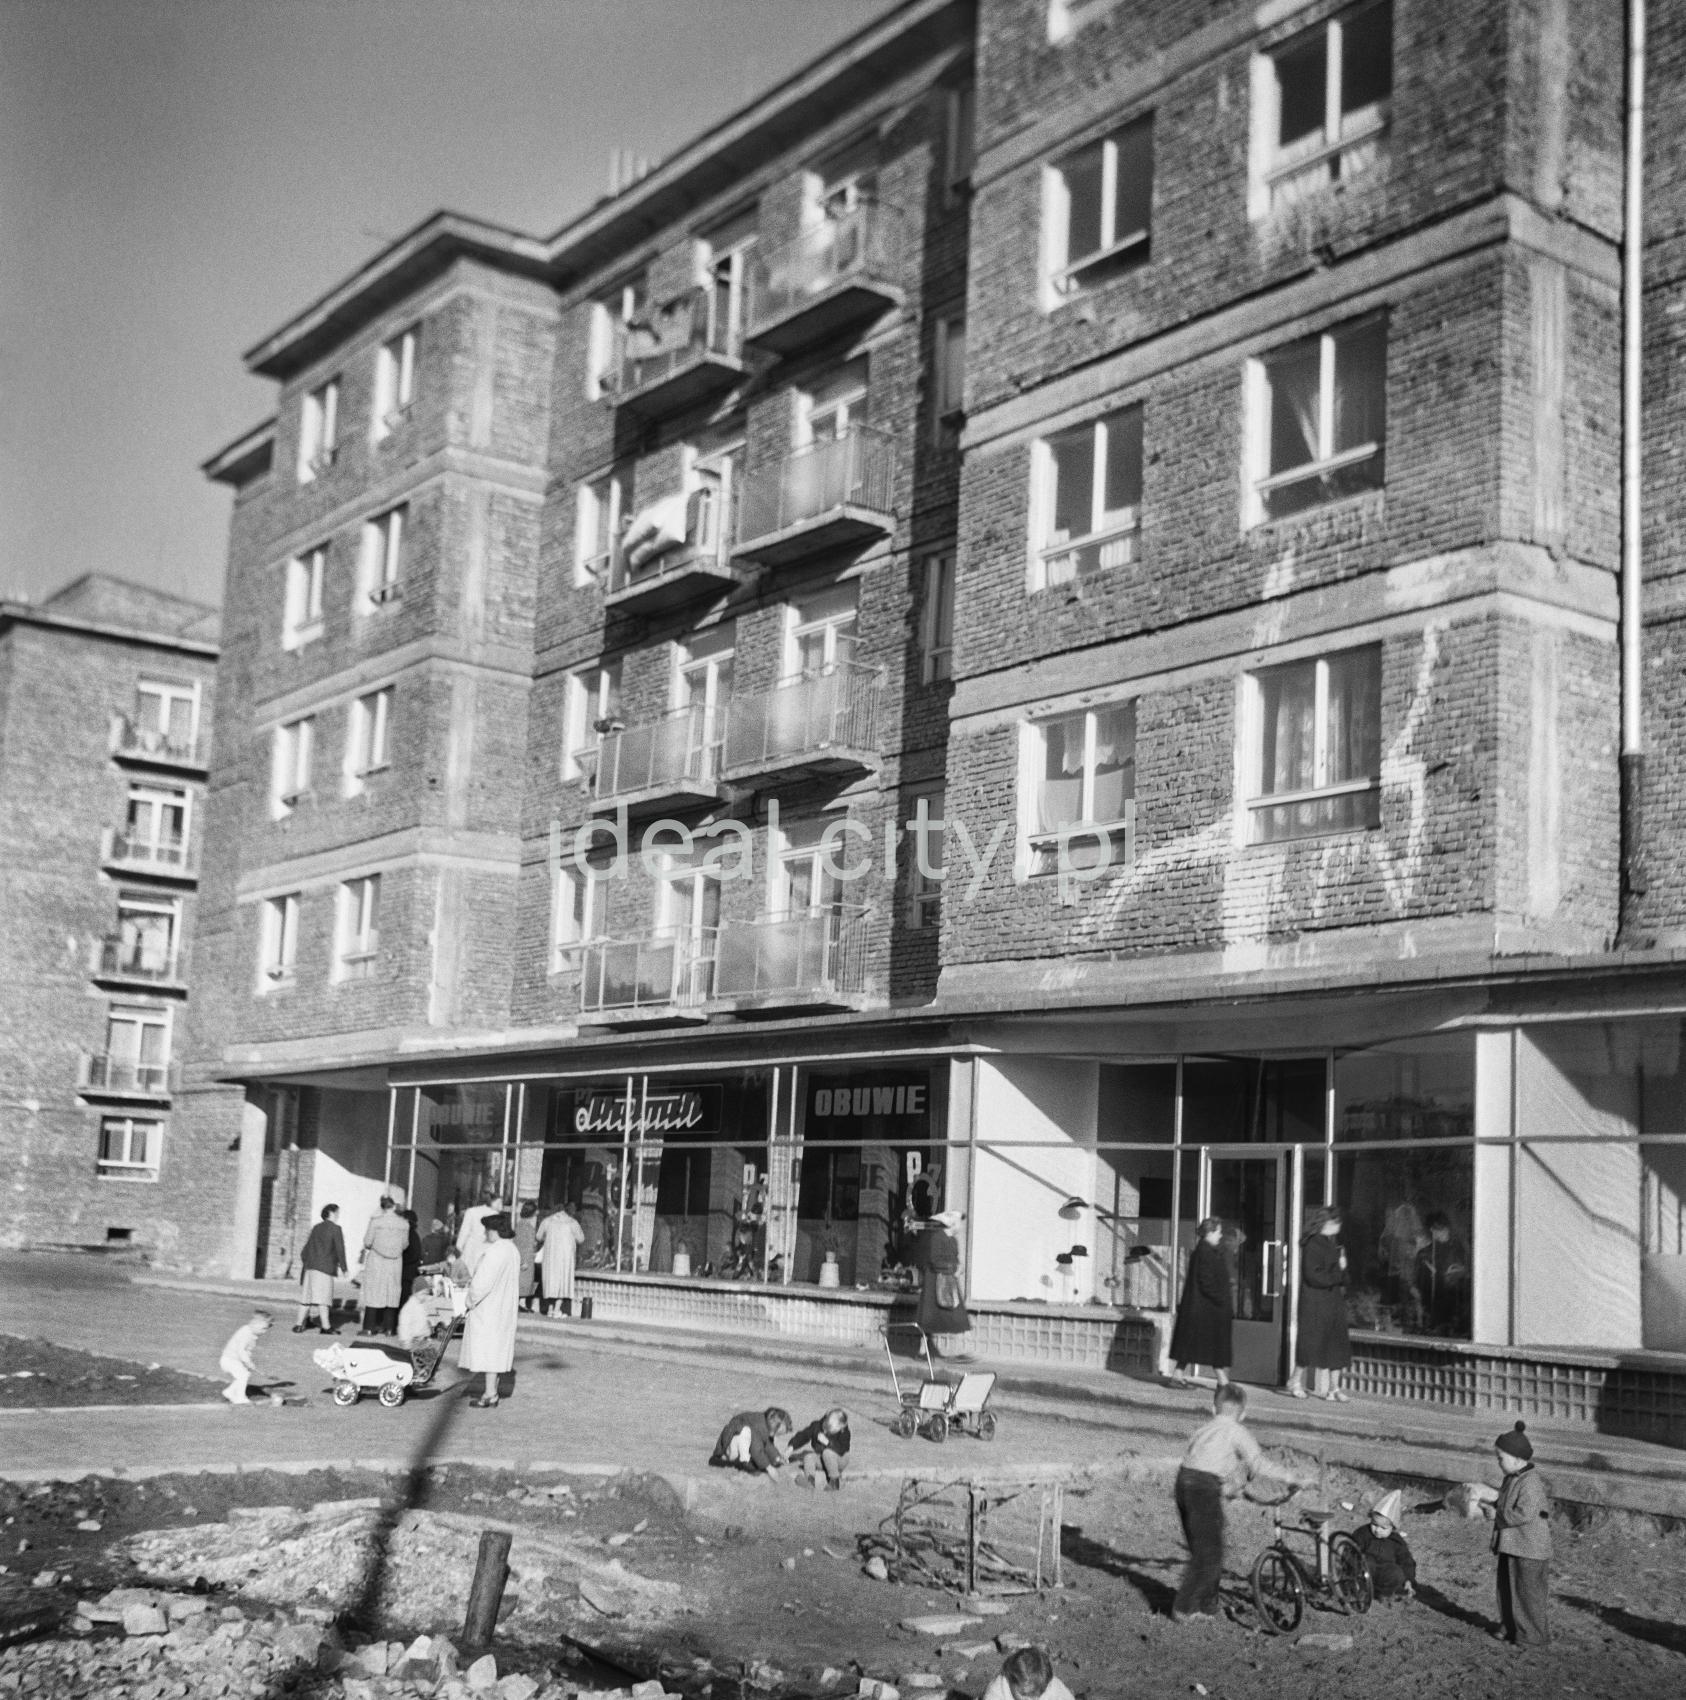 Ruch pieszy i zabawy dziecięce przed pawilonami sklepowymi na parterze nowo ukończonego bloku z cegły.